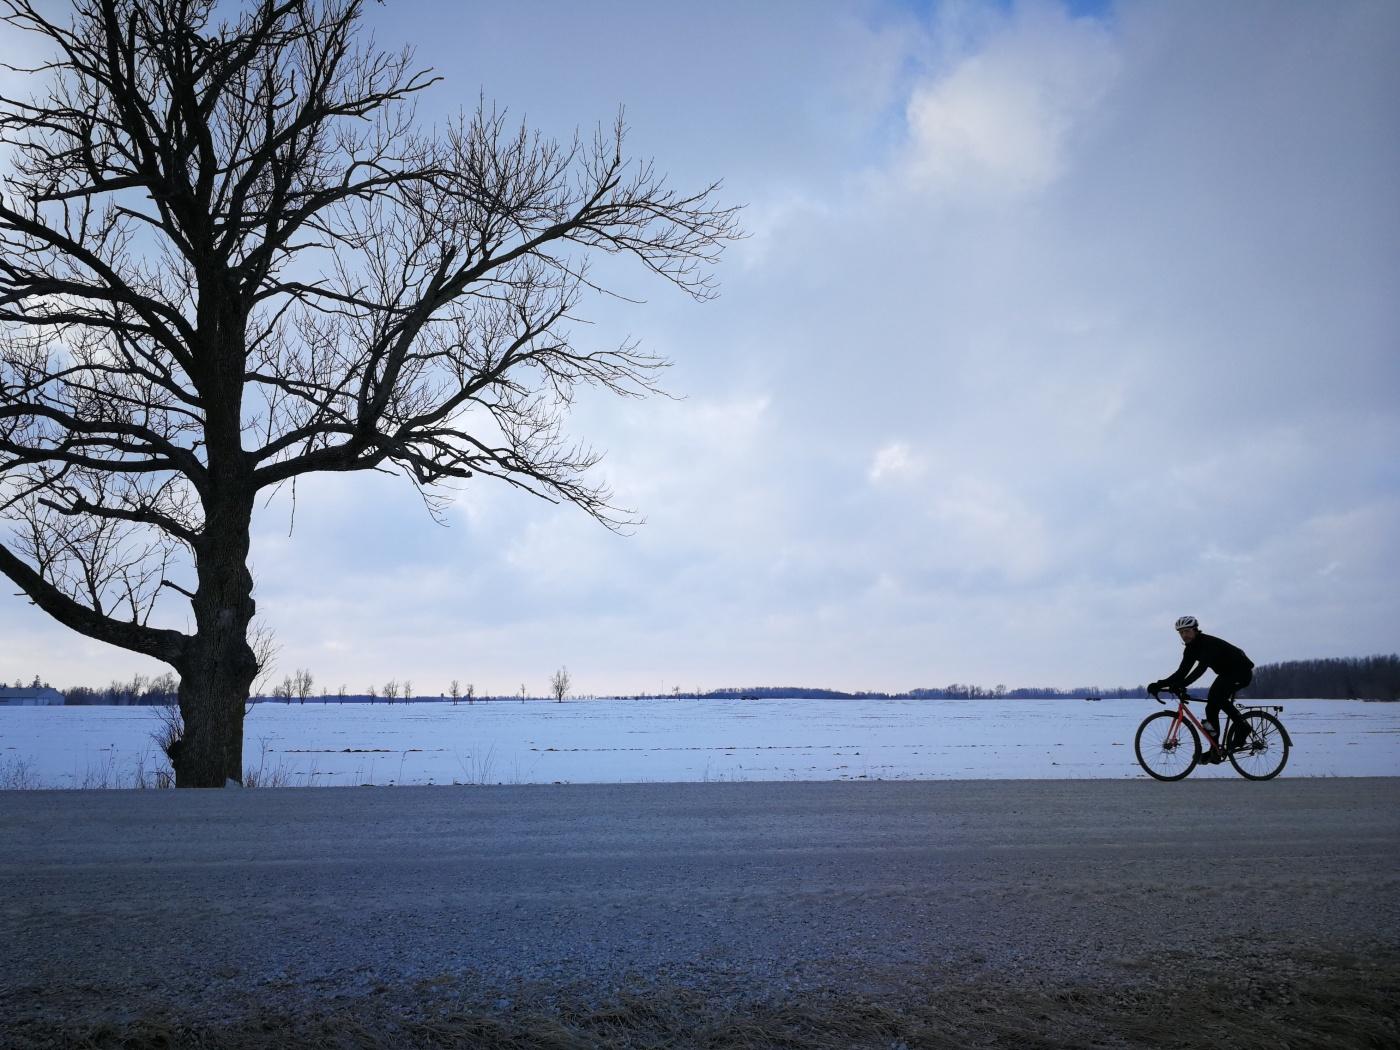 Two Wheel Gear - Bike commuter in winter